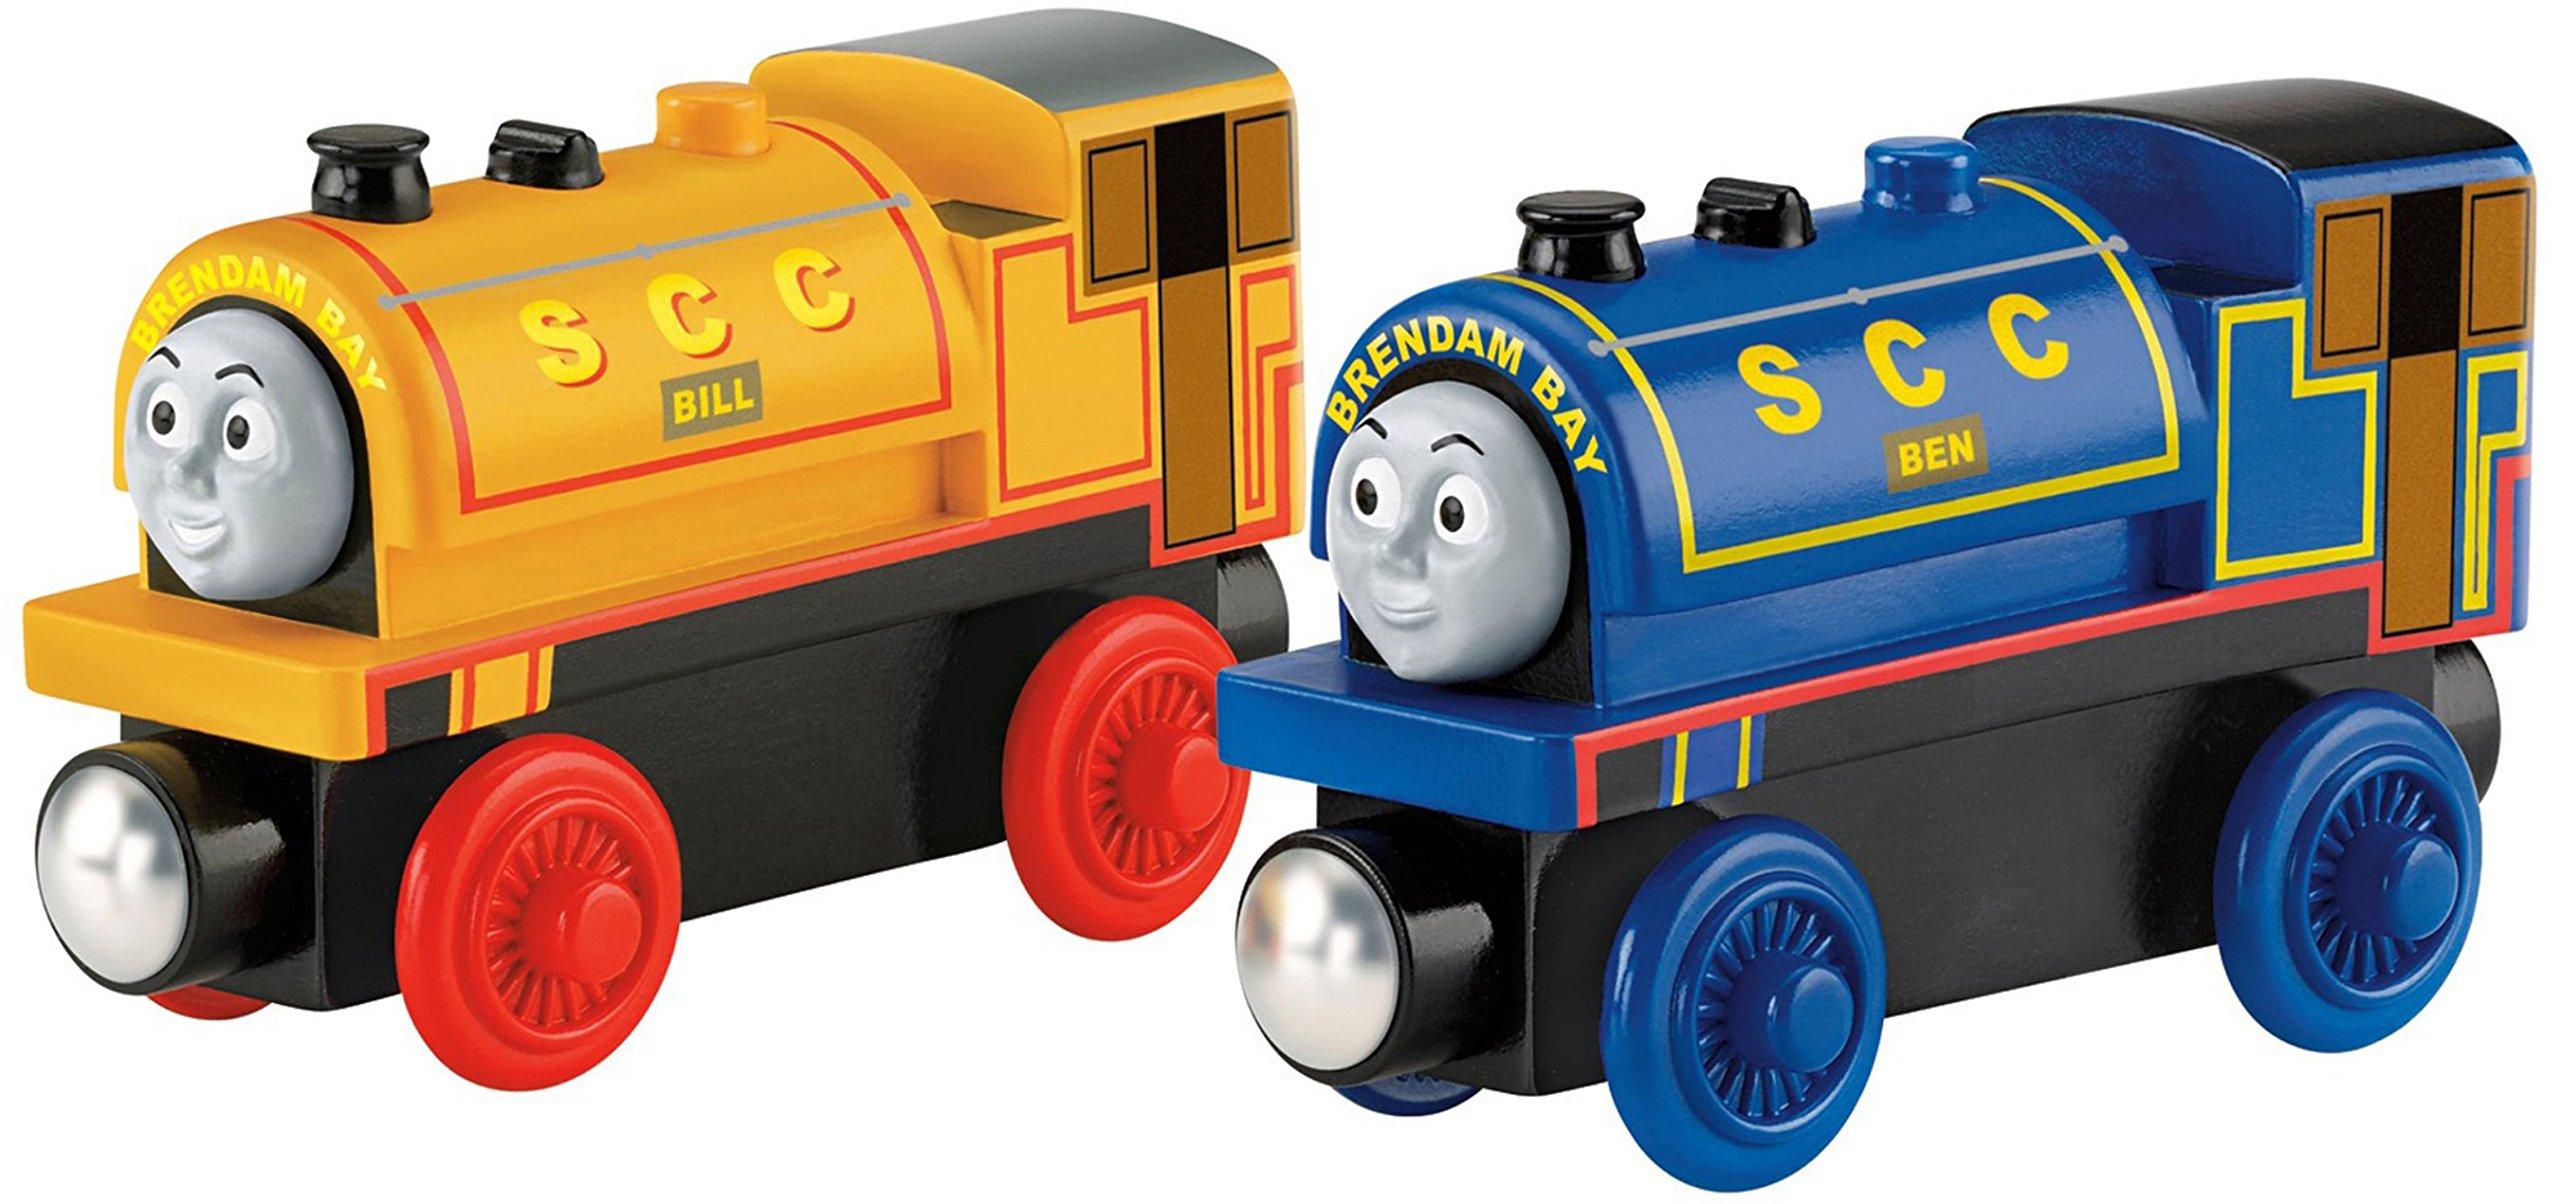 Thomas & Friends Fisher-Price Wooden Railway, Bill & Ben Trains